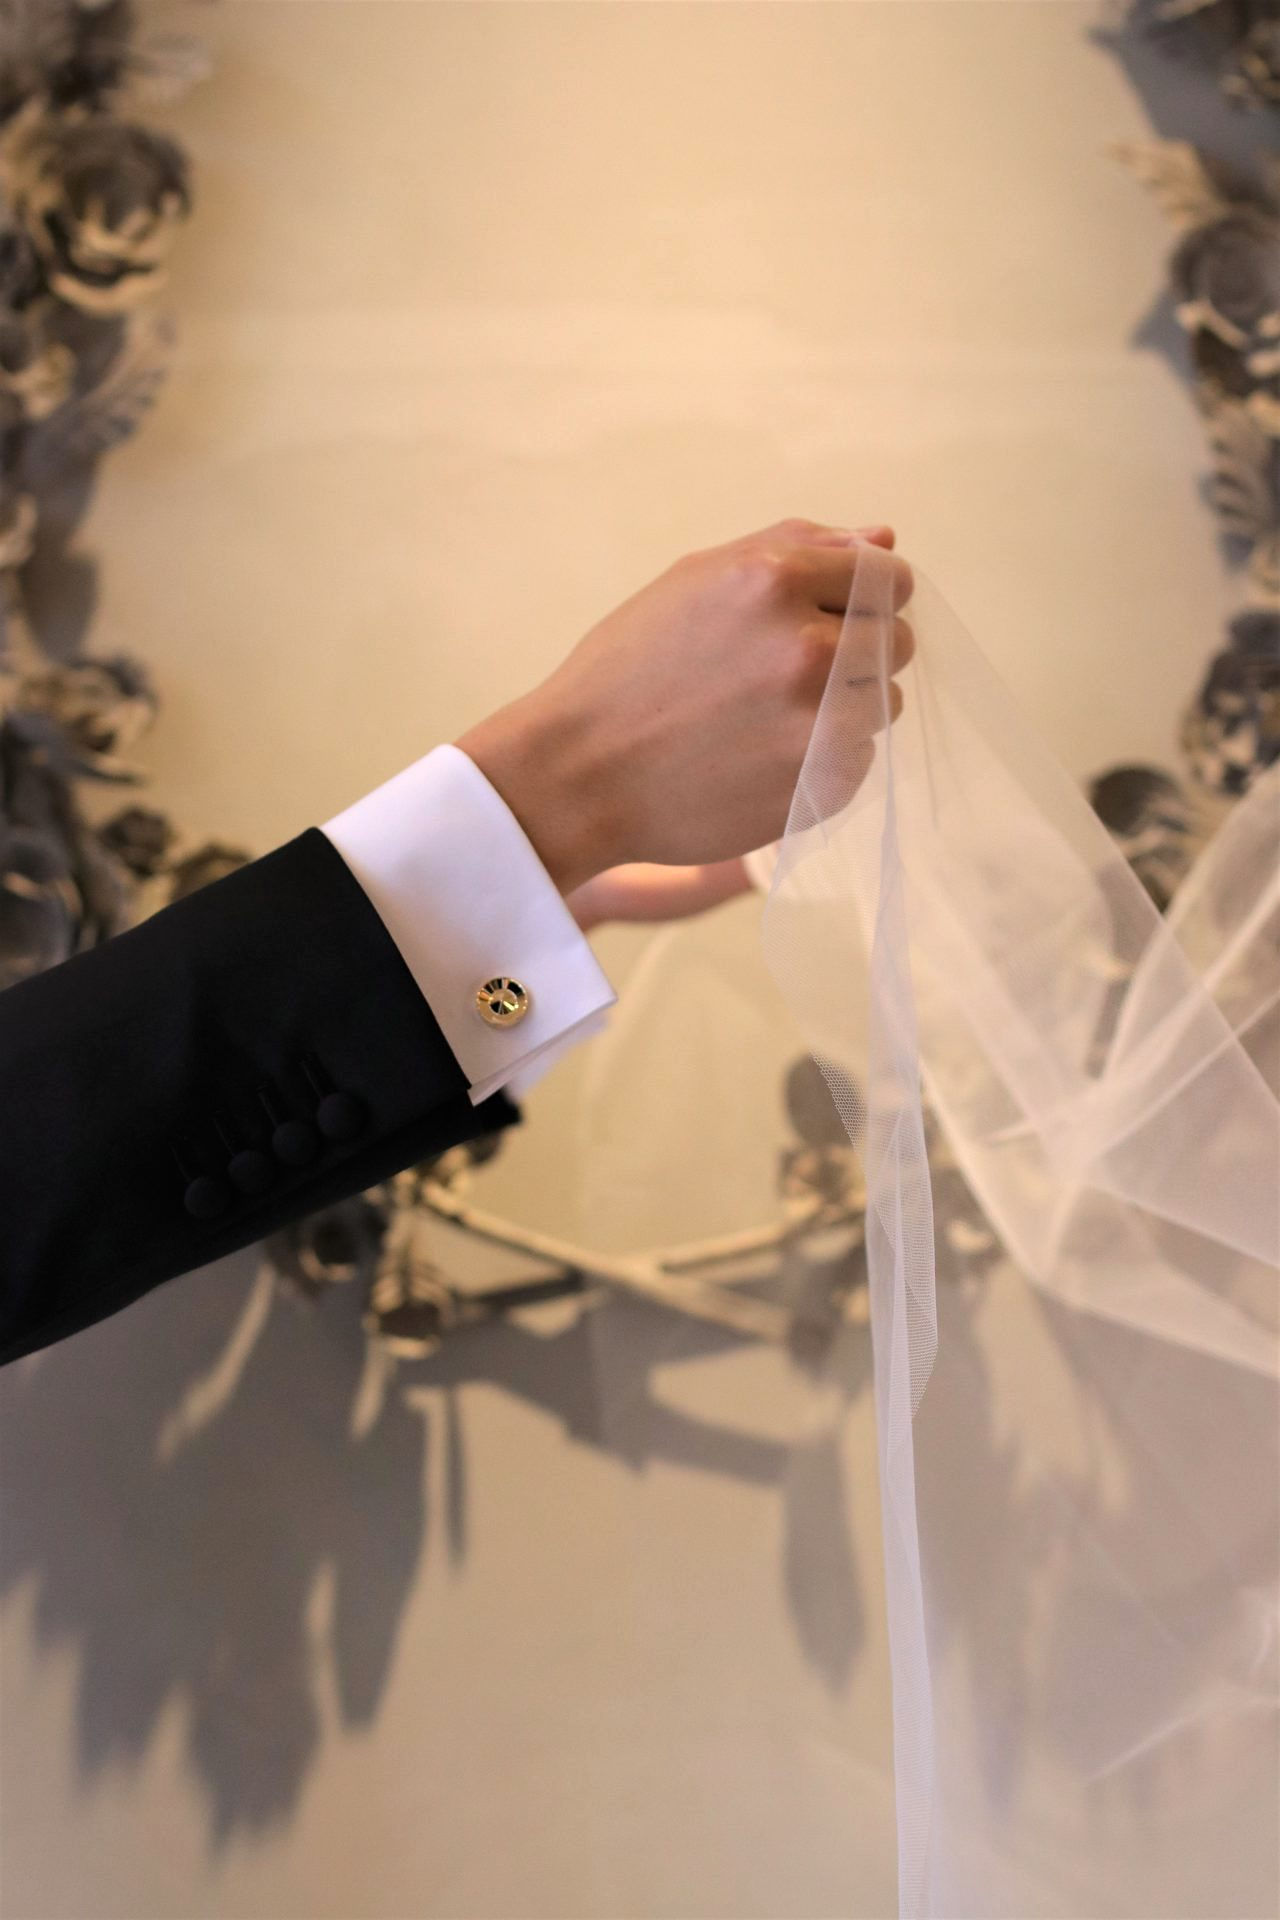 パレスホテル東京のチャペルでの挙式や葵西や葵東での広い披露宴会場でも、華やかに見えるゴールドのカフリンクスはタキシードの袖元から存在感を放ちます。